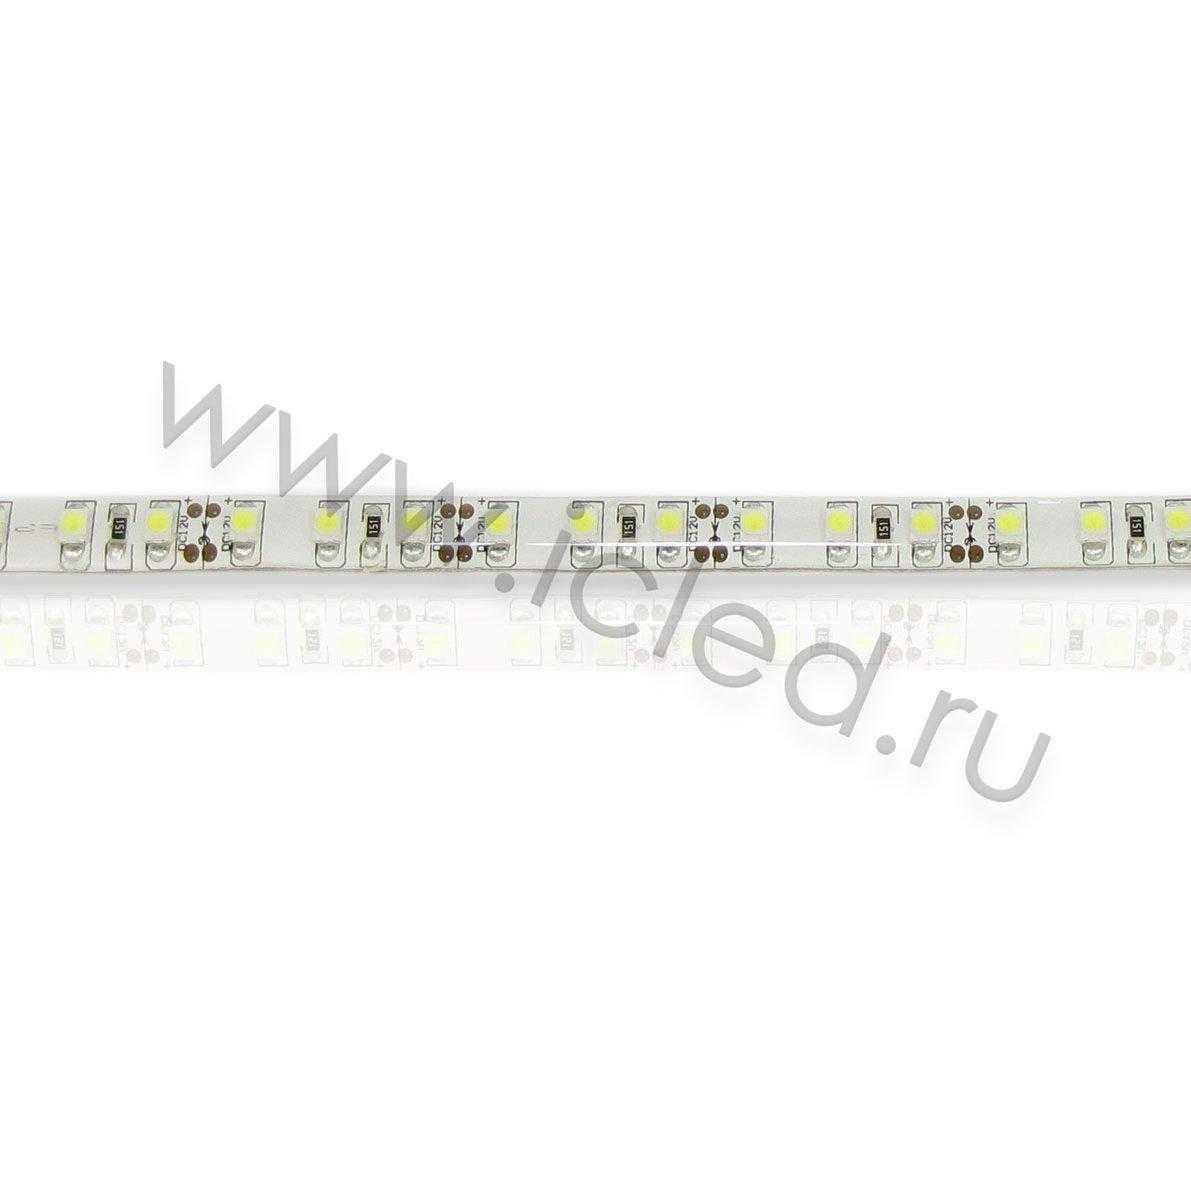 Светодиодная лента Class A, 3528, 120led/m, White, 12V, IP65